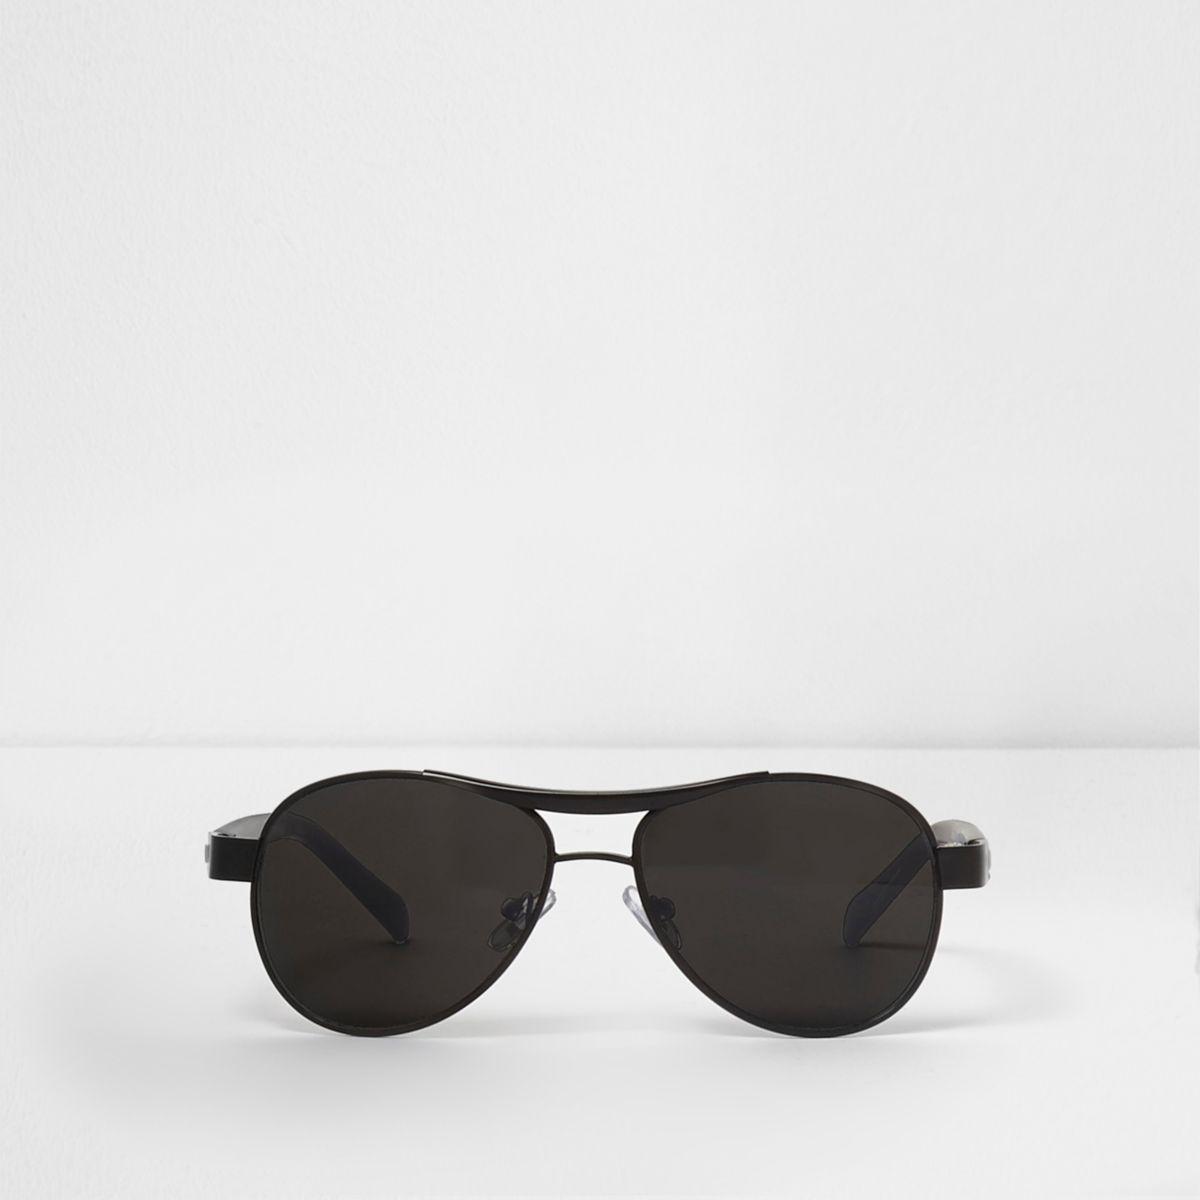 Lunettes de soleil aviateur noires à verres fumés pour garçon